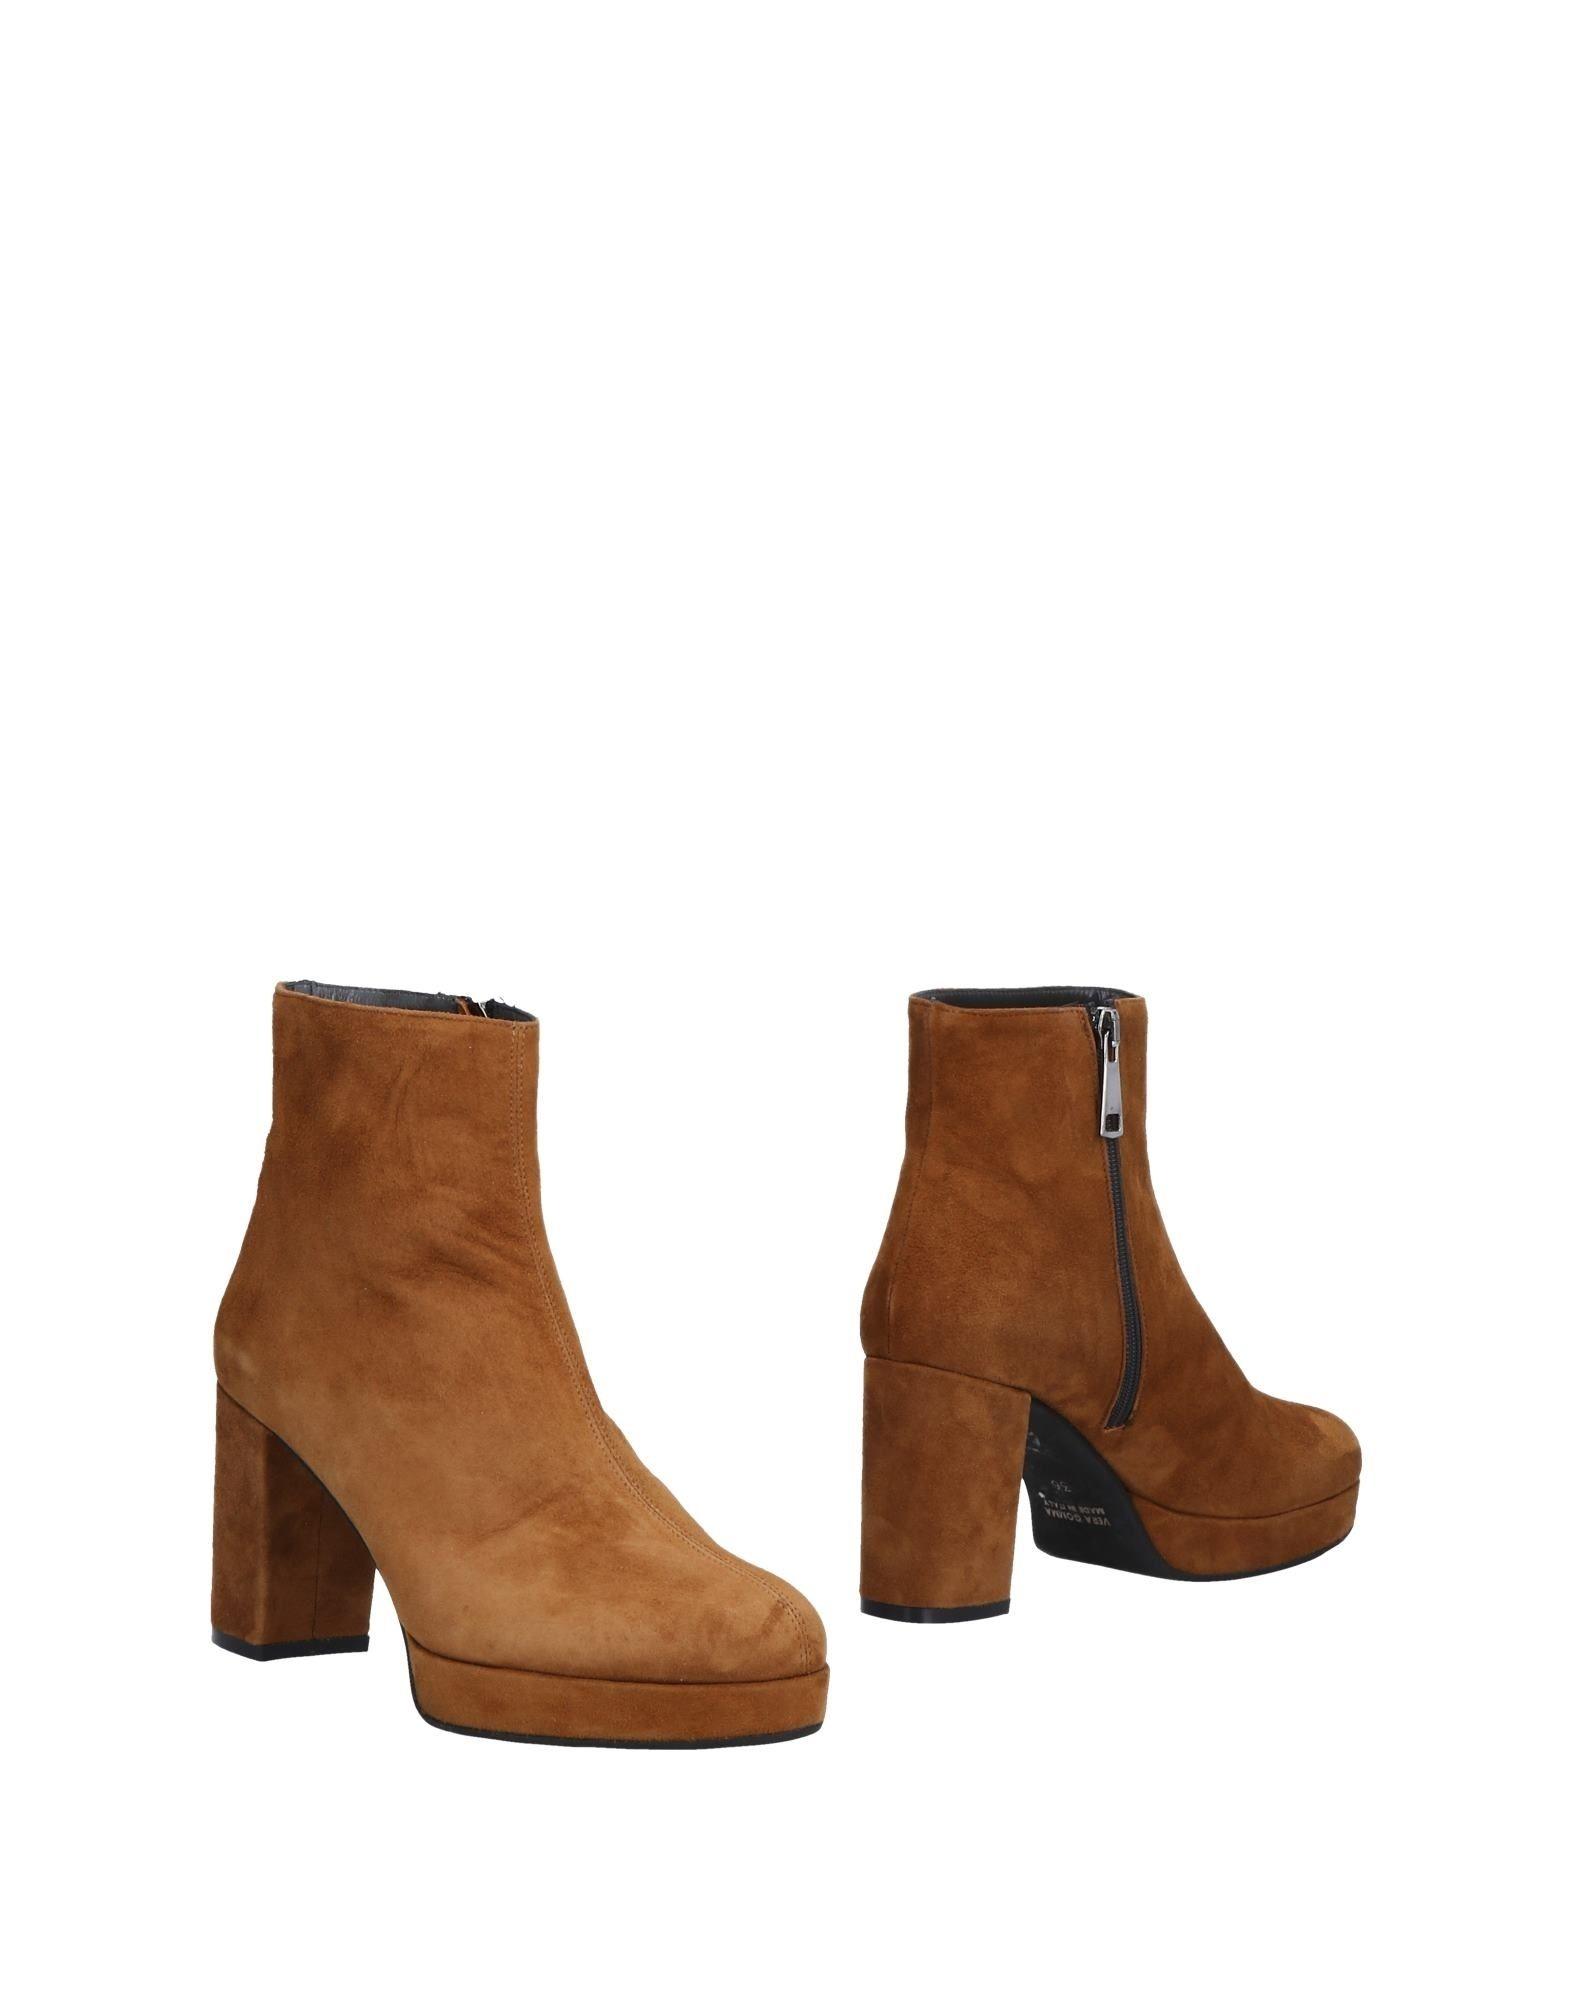 Bruschi Stiefelette Damen  Schuhe 11485854HC Gute Qualität beliebte Schuhe  1acfb3